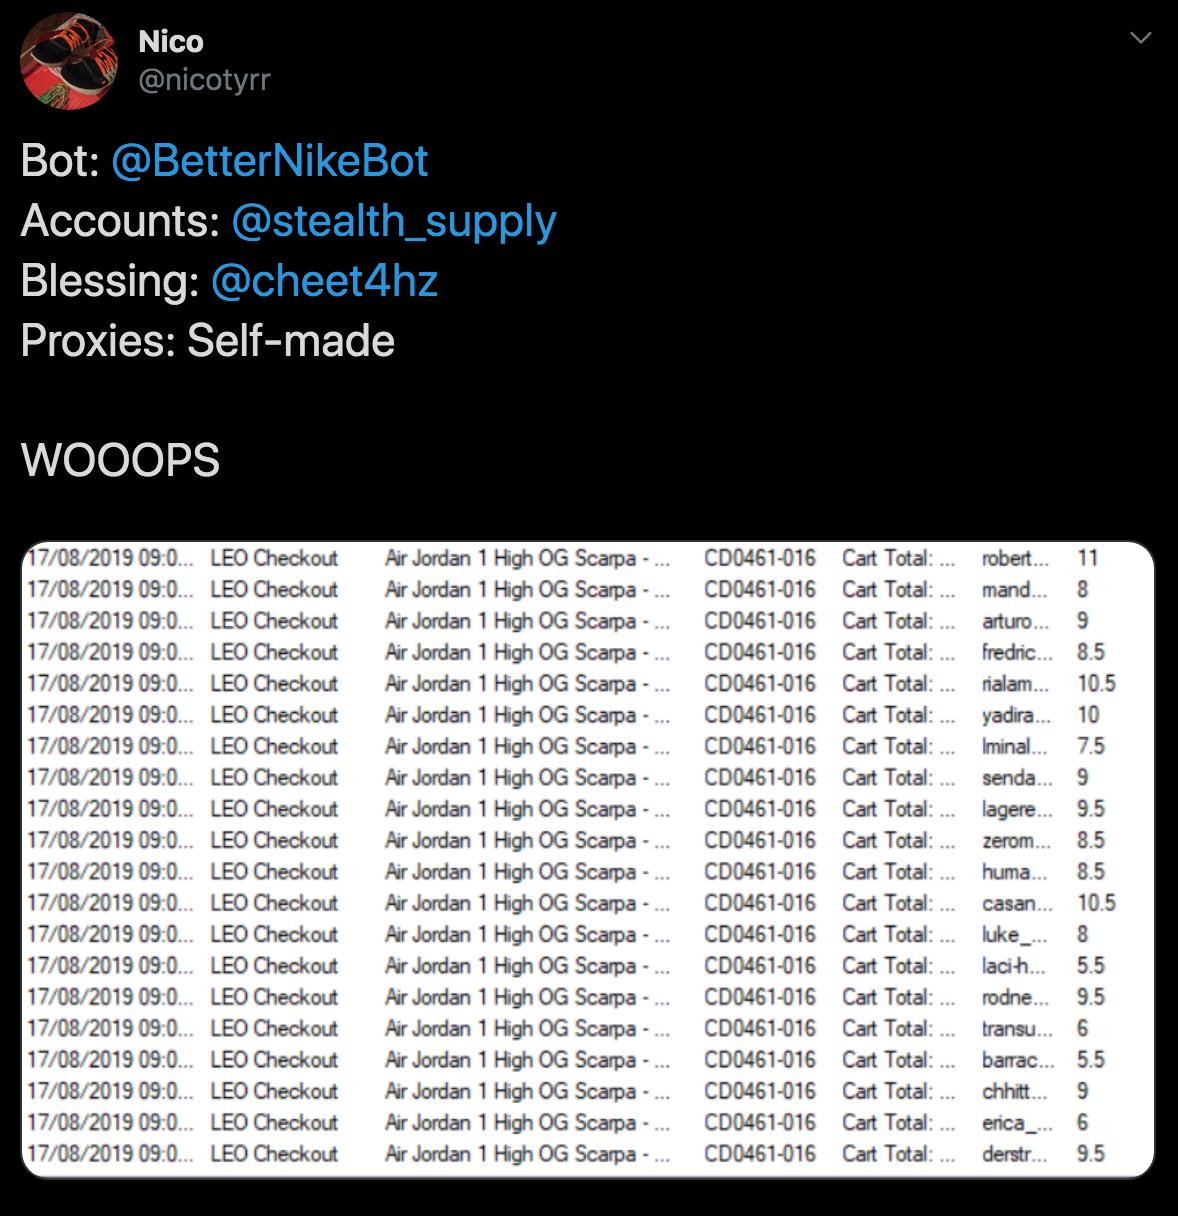 Screen Shot 2019-09-02 at 10.31.59.png